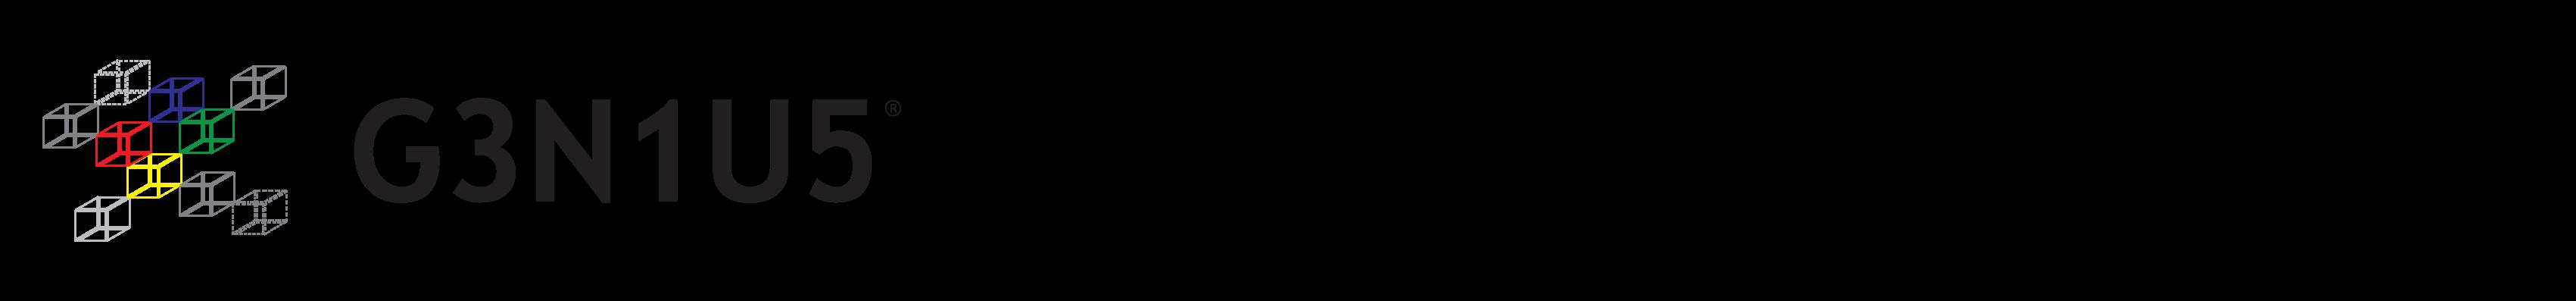 G3N1U5